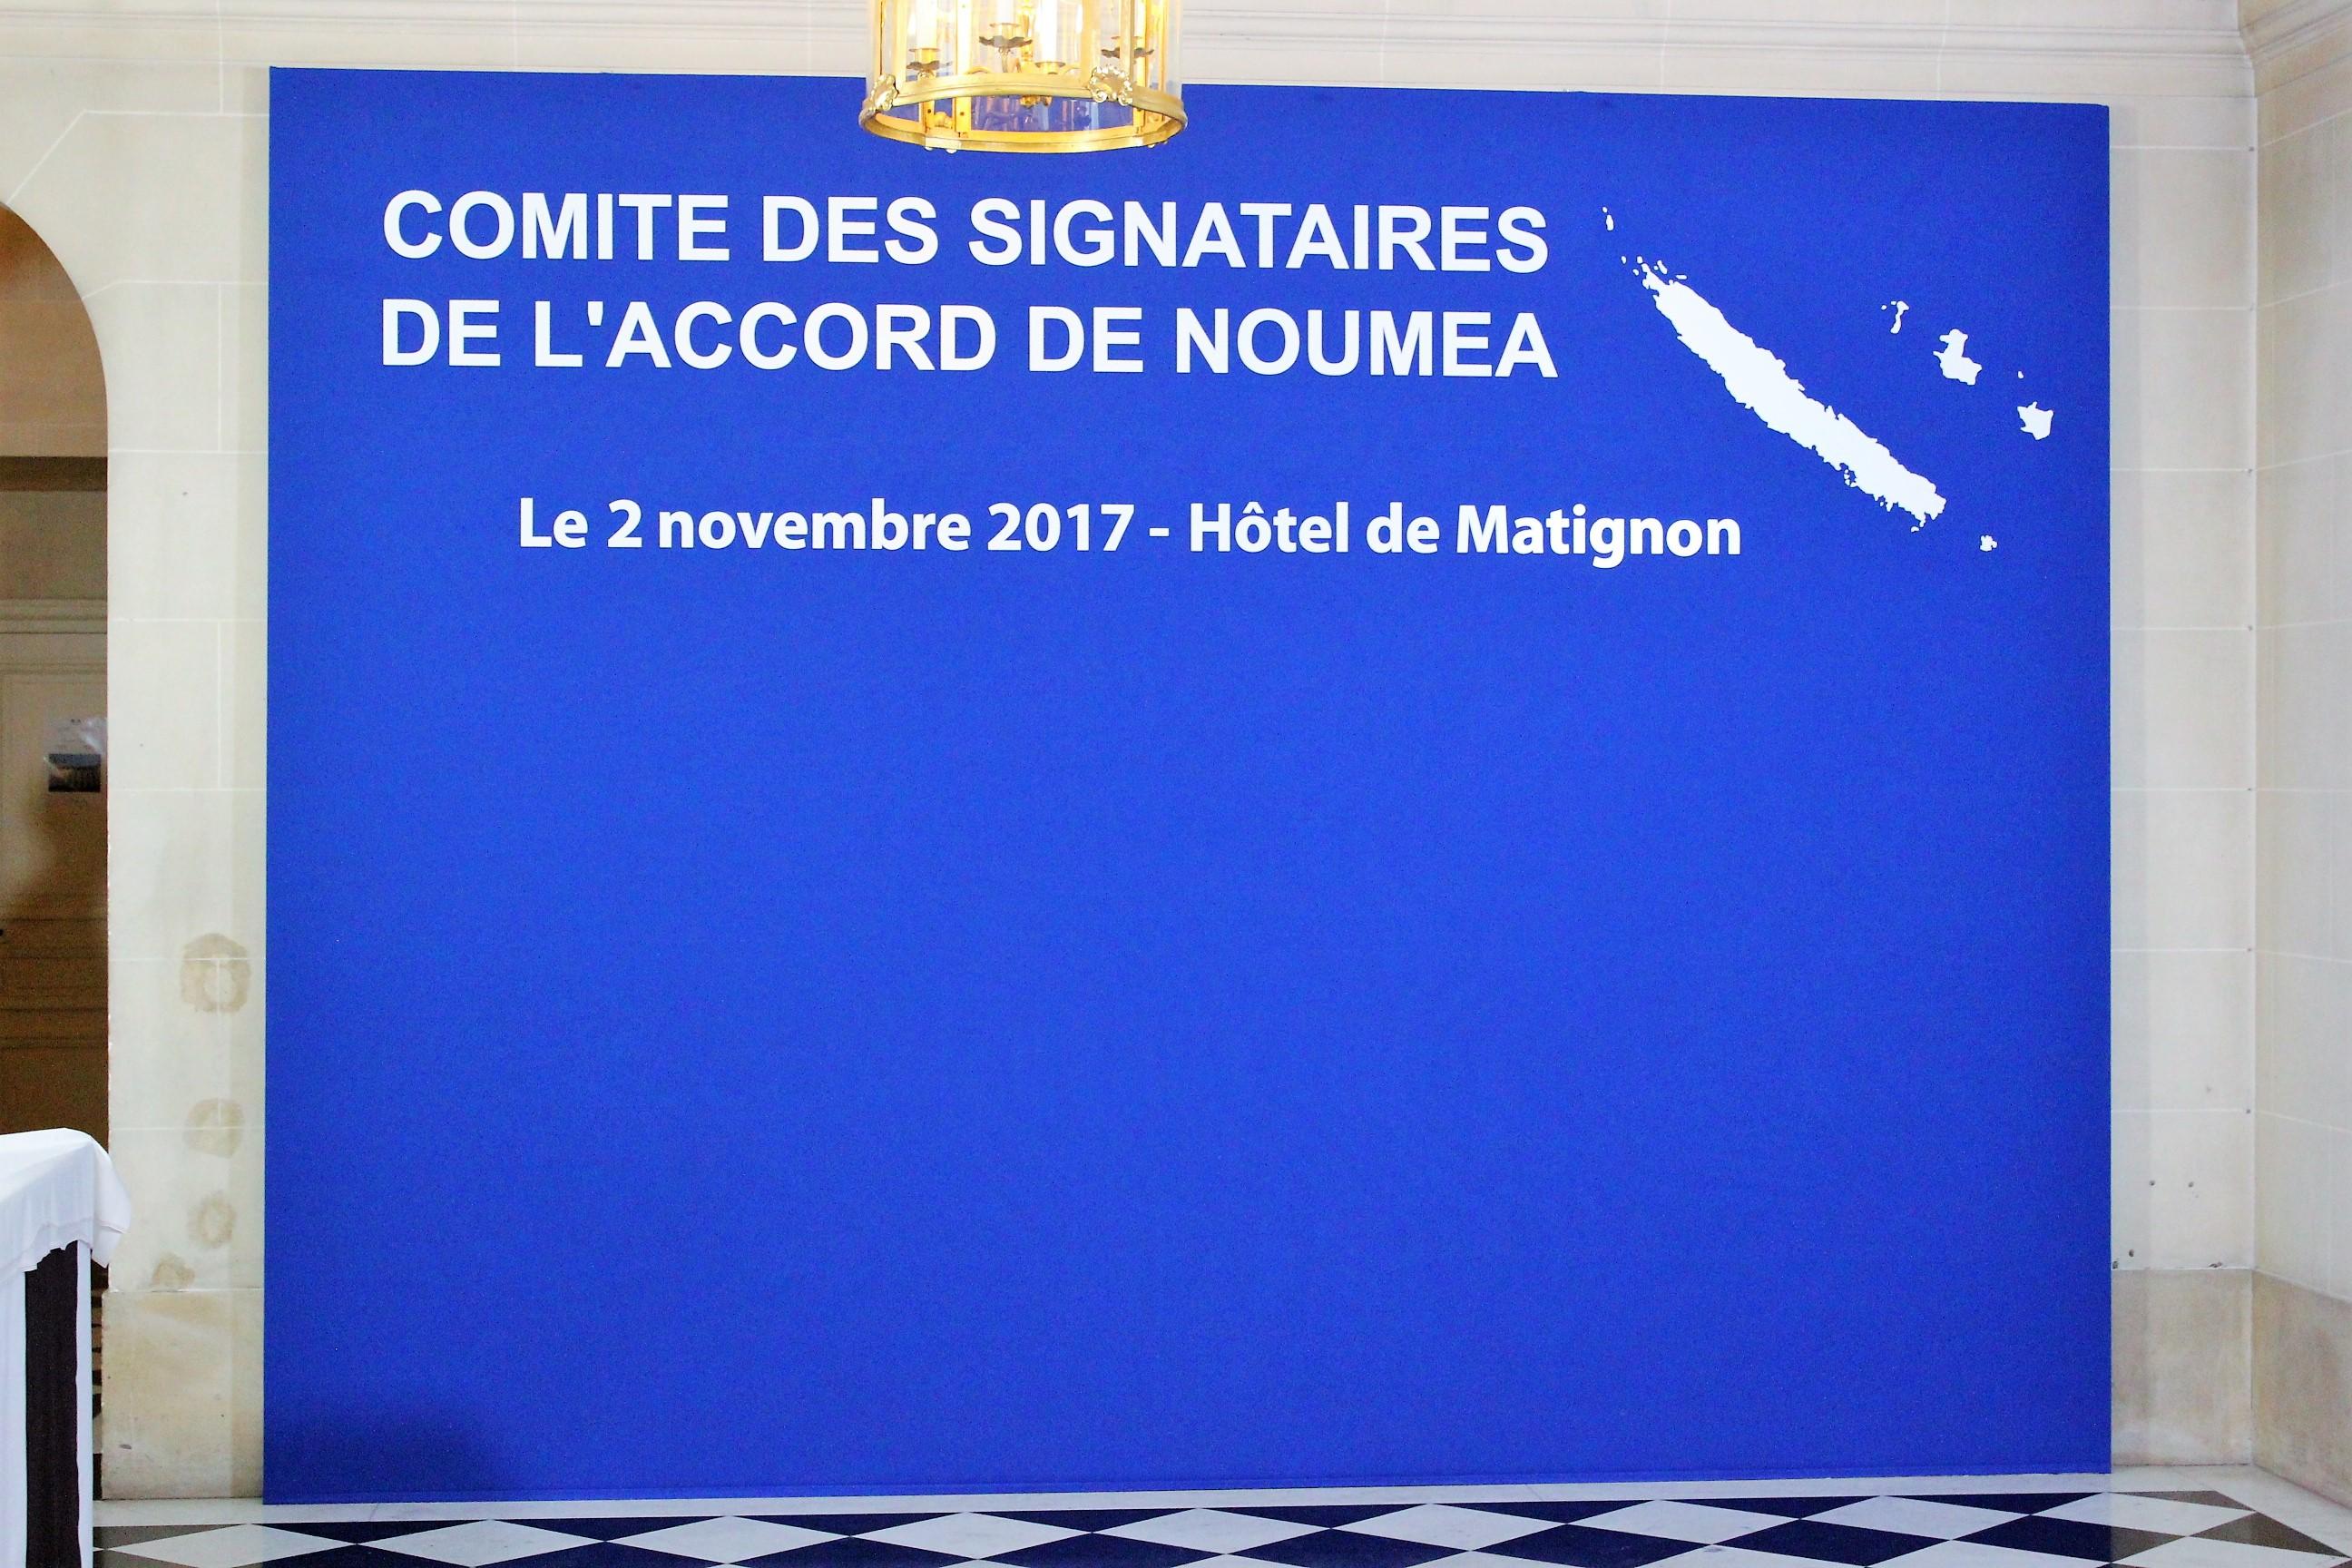 Le dernier Comité des Signataires a eu lieu le 2 novembre dernier, avec comme point principal, l'inscription automatique des natifs calédoniens sur la liste électorale spéciale ©Outremers360